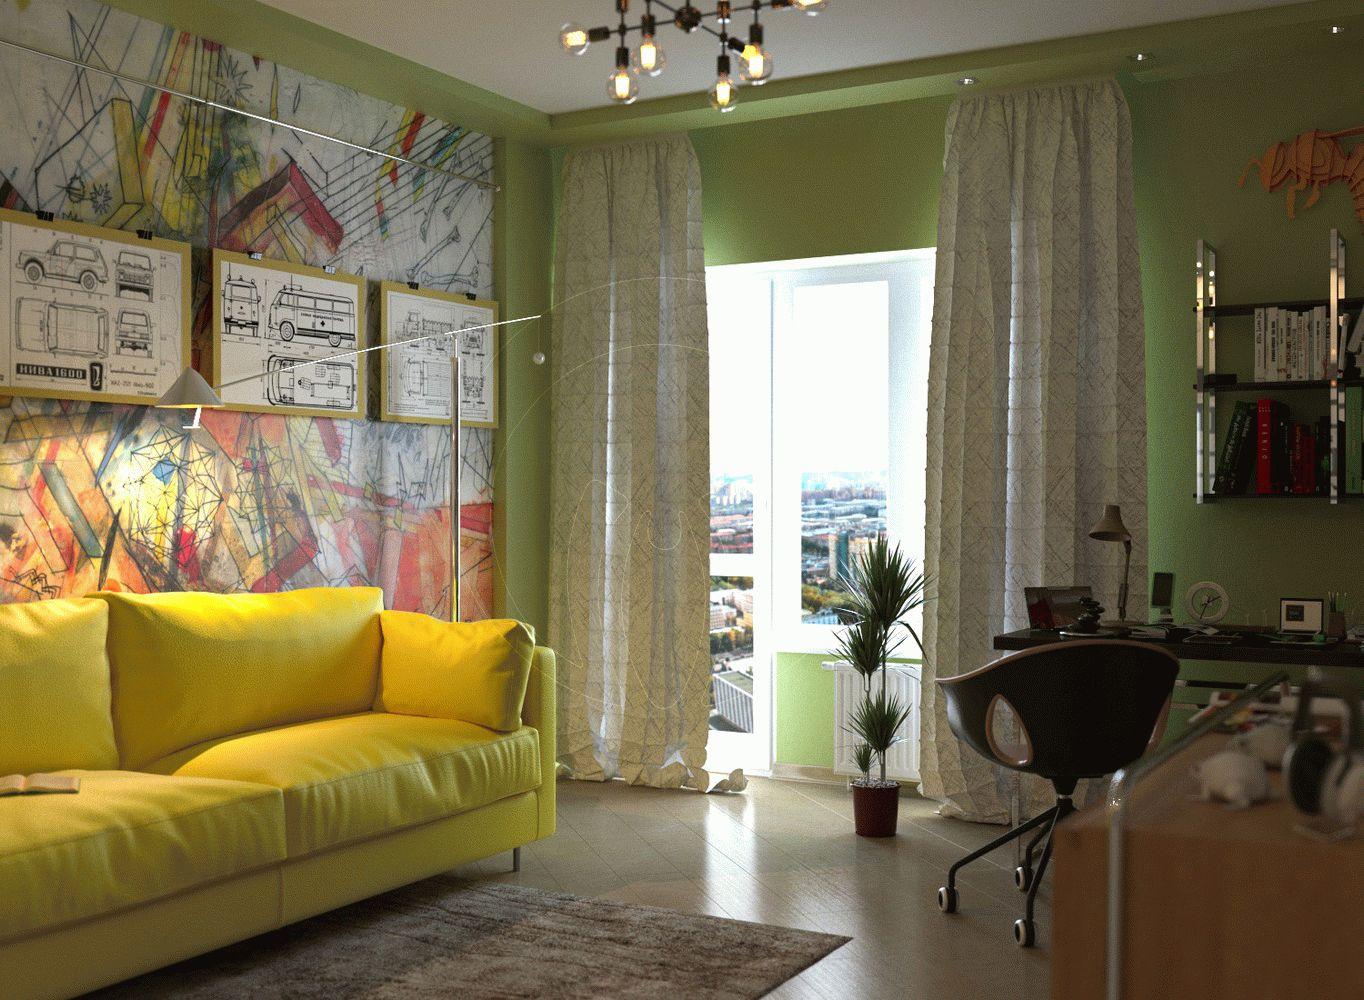 Квартира в стиле минимализм на Героев Сталинграда 6